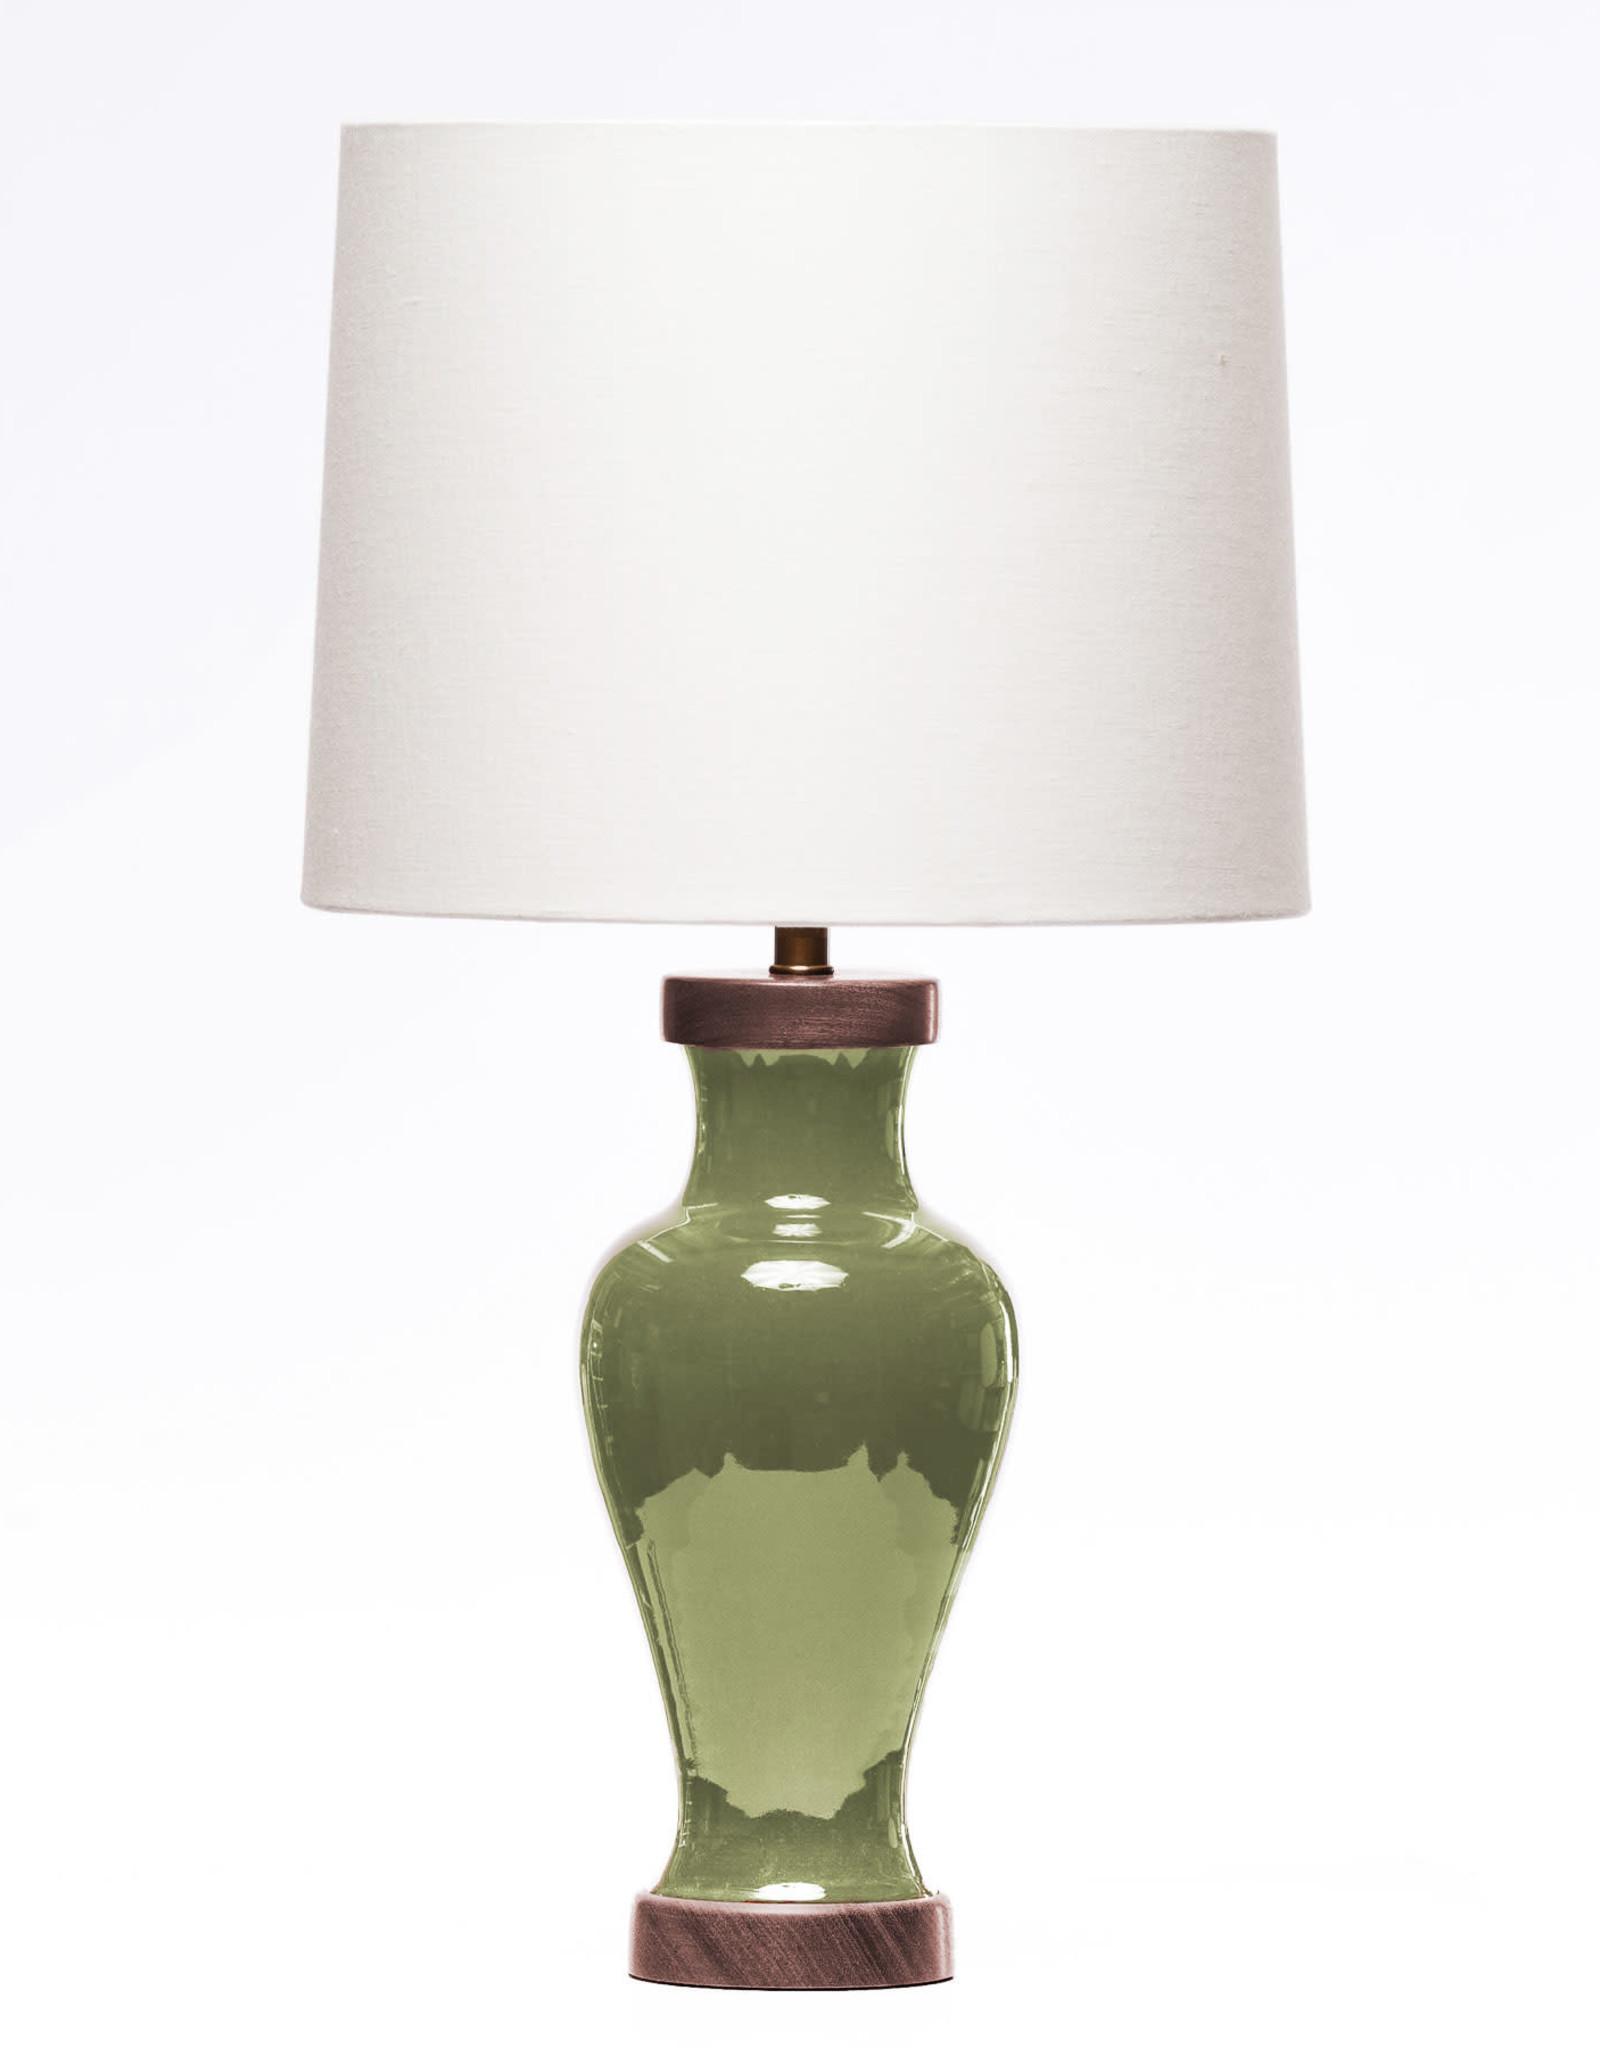 Lawrence & Scott Gabrielle Baluster Porcelain Lamp in Celadon (Walnut)